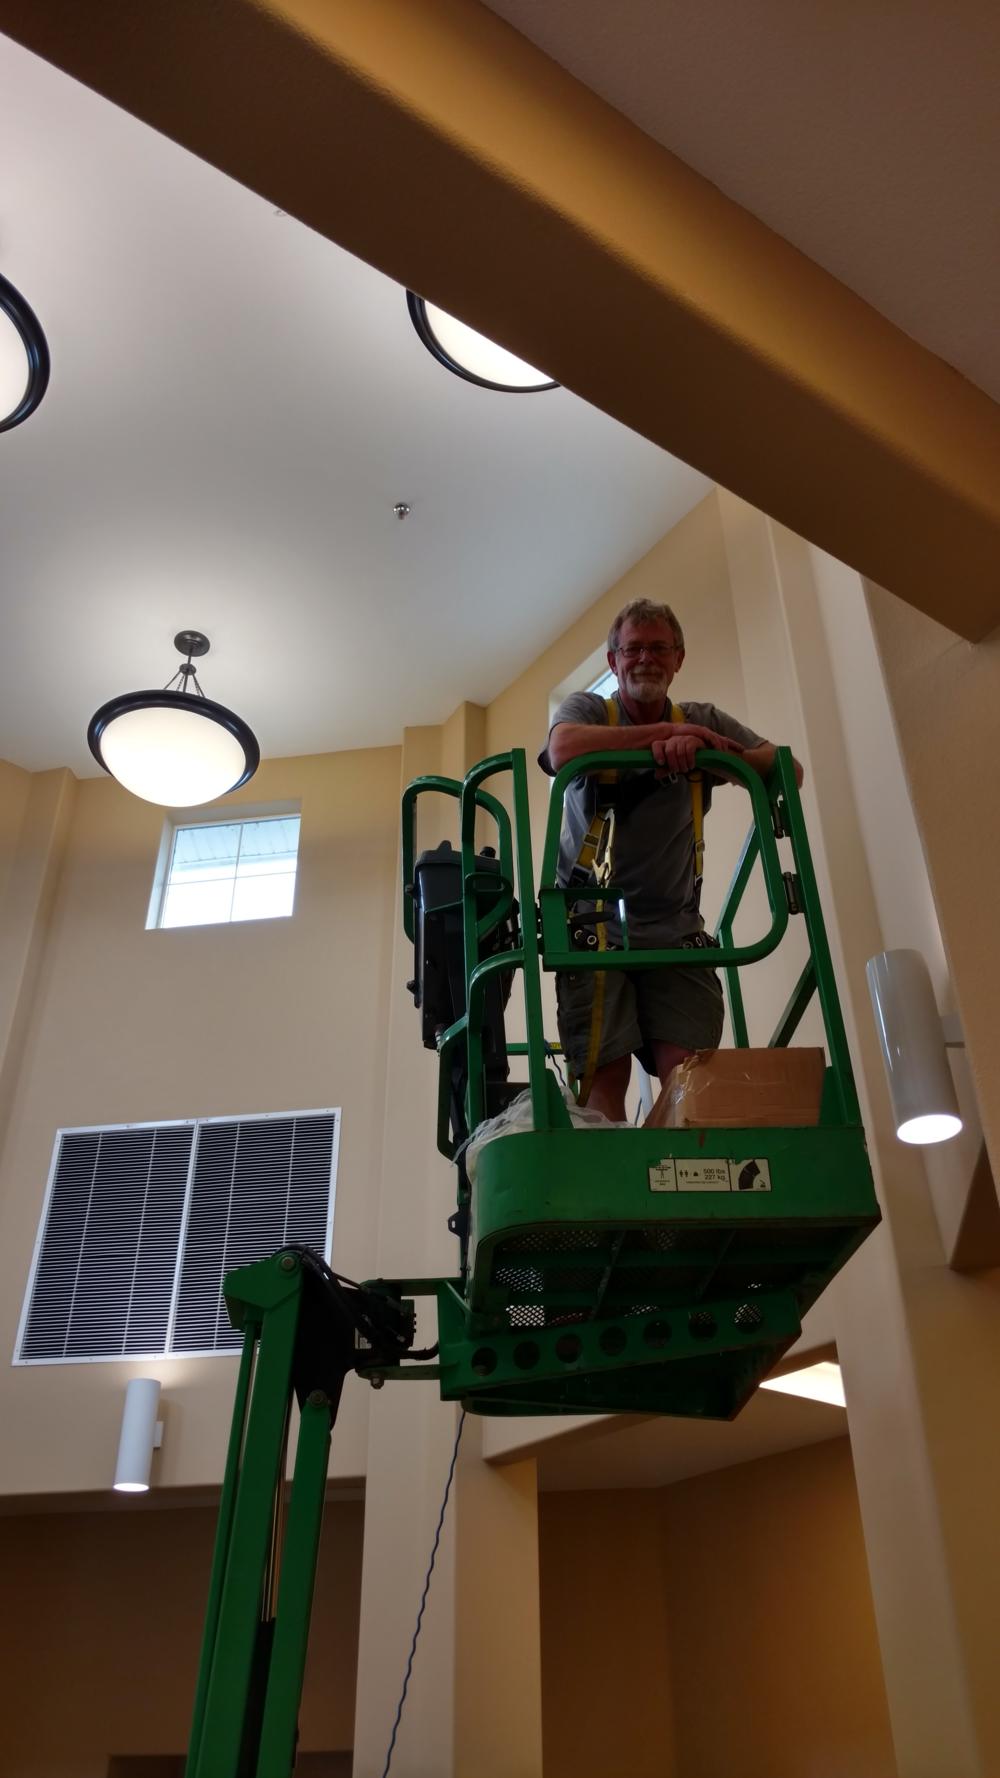 monthly maintenance, lighting upgrades, LED